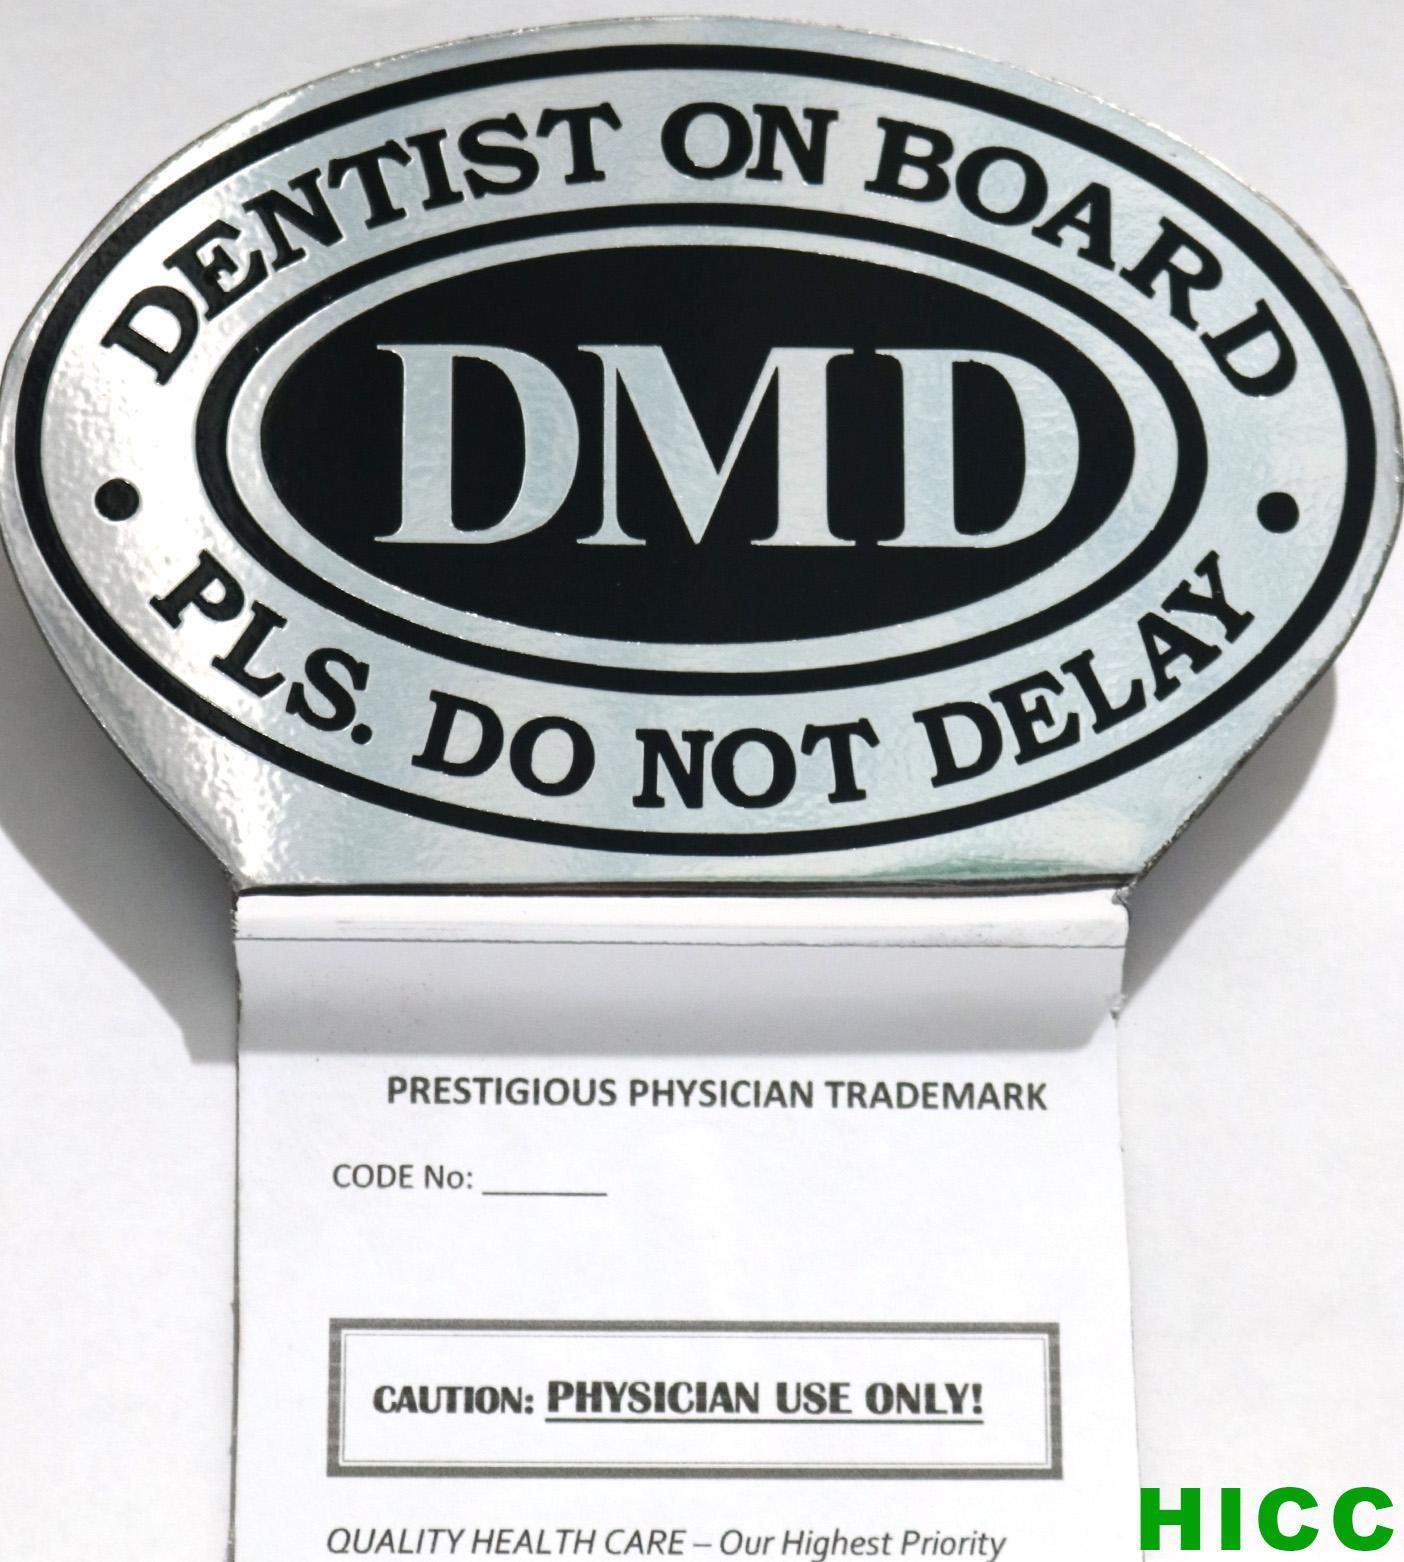 Dentist Dmd Emblem By Holistic Integrative Care Center.